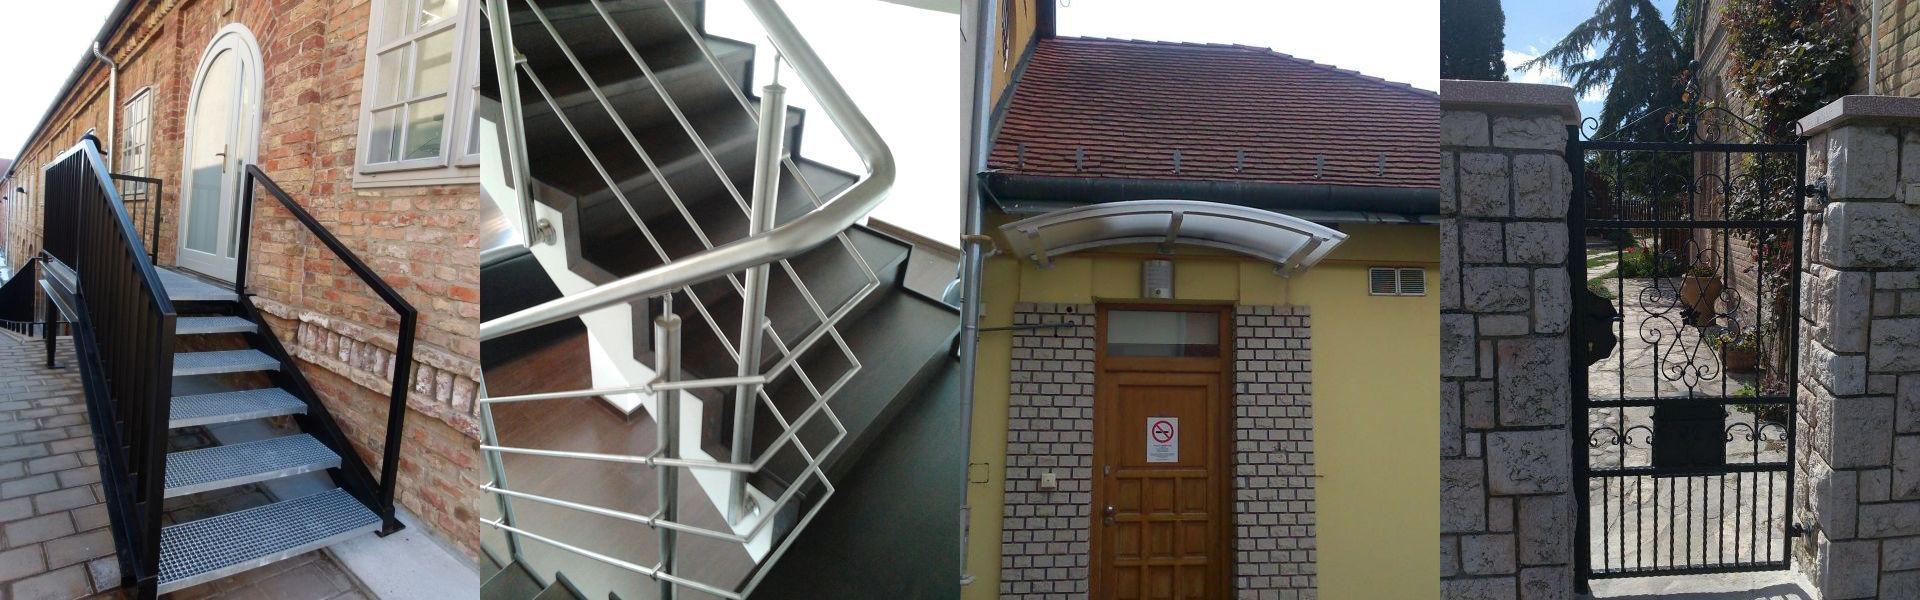 lakatos, lakatos Pécs, lépcső, lépcső Pécs, hegesztő, hegesztő Pécs, rácsok, rácsok Pécs